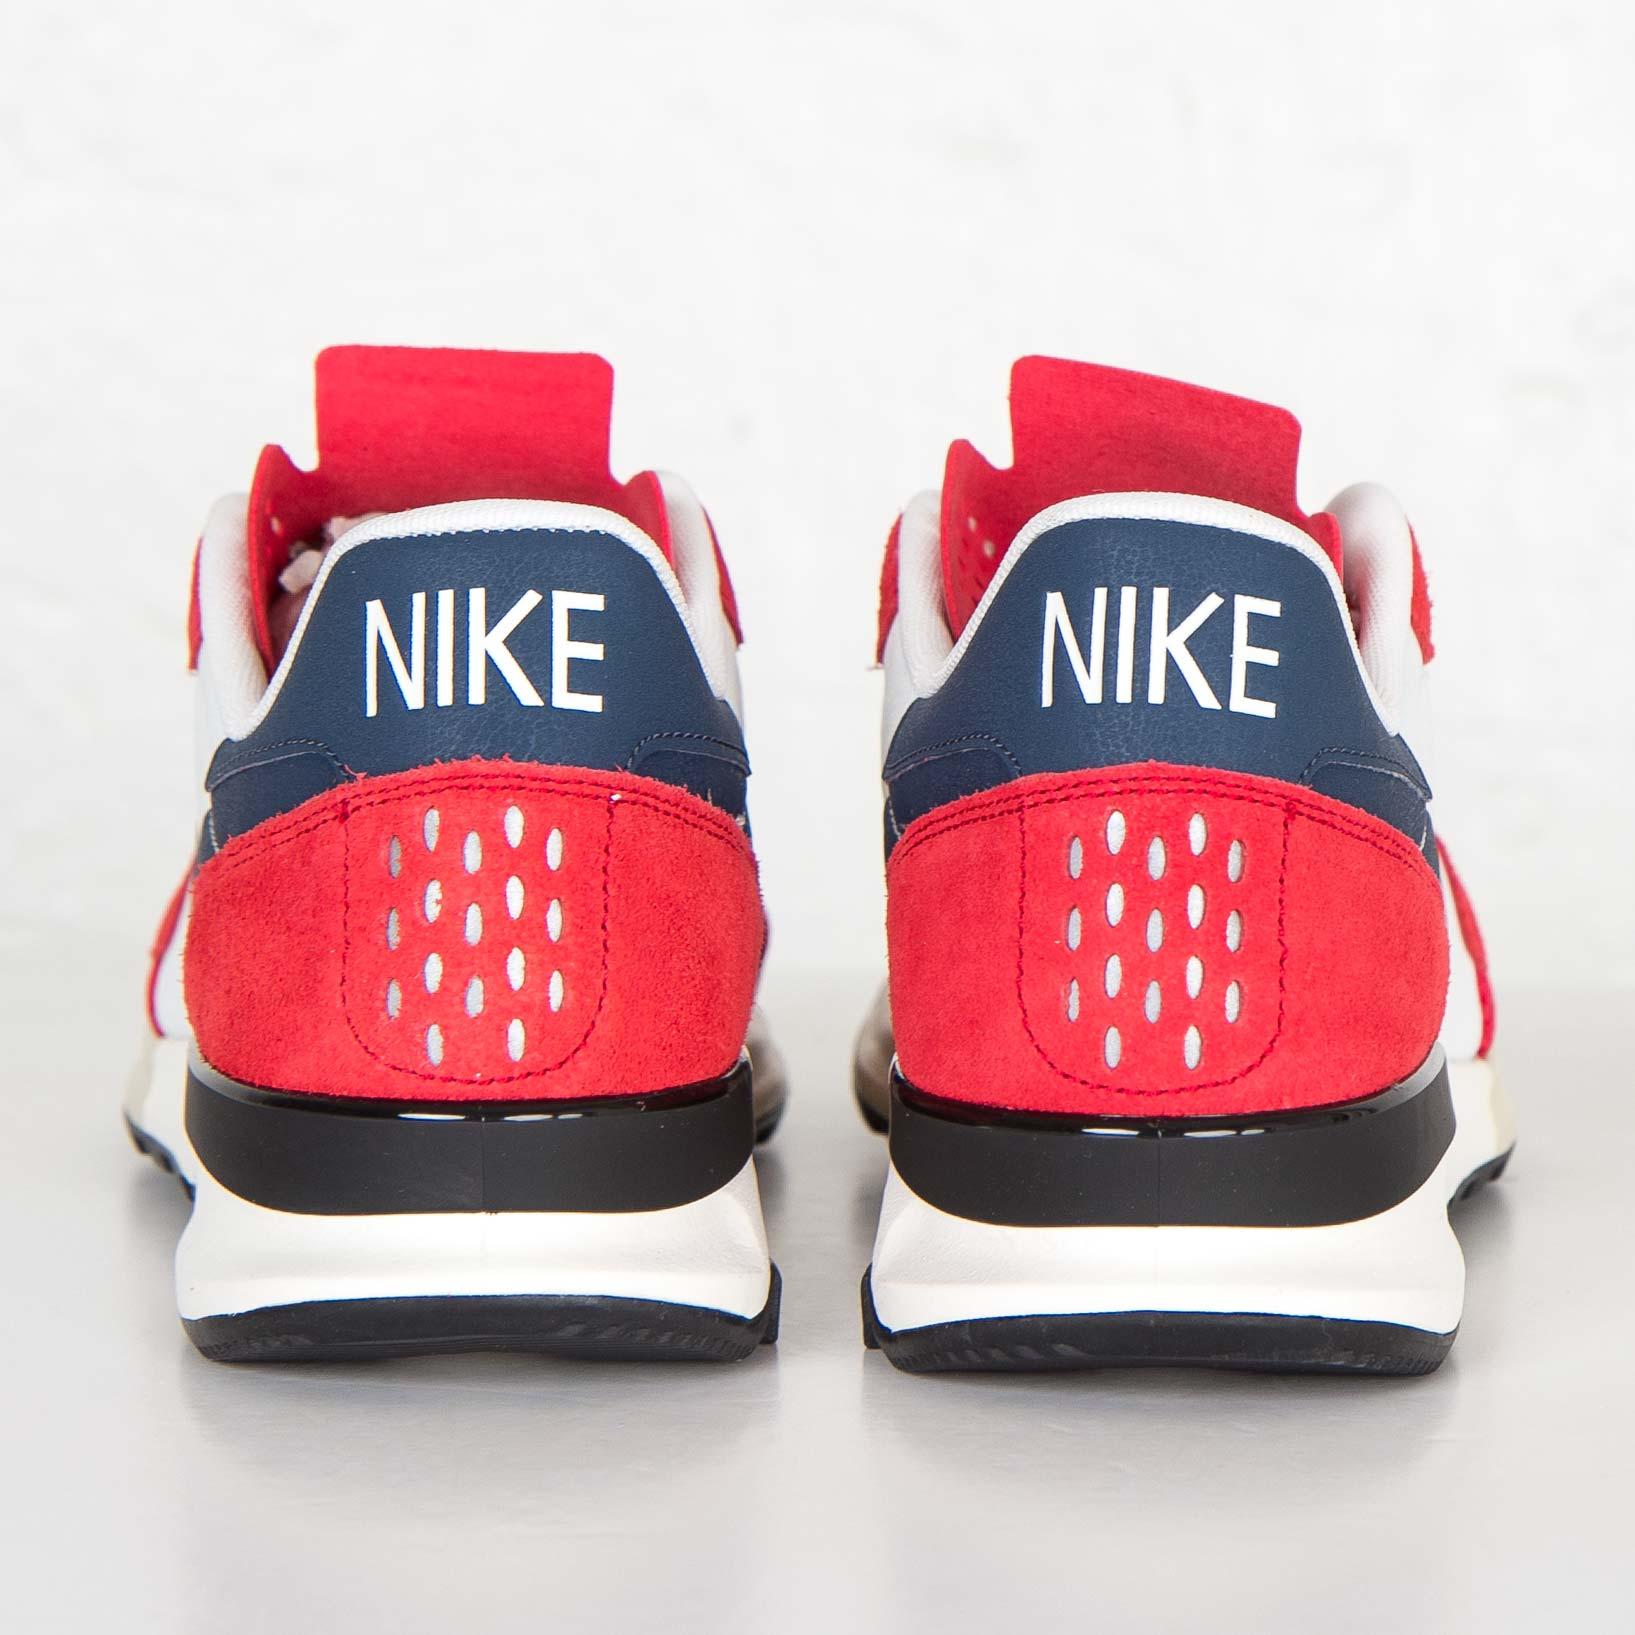 low priced 24f66 3b6c5 Nike Air Berwuda - 555305-601 - Sneakersnstuff   sneakers   streetwear  online since 1999